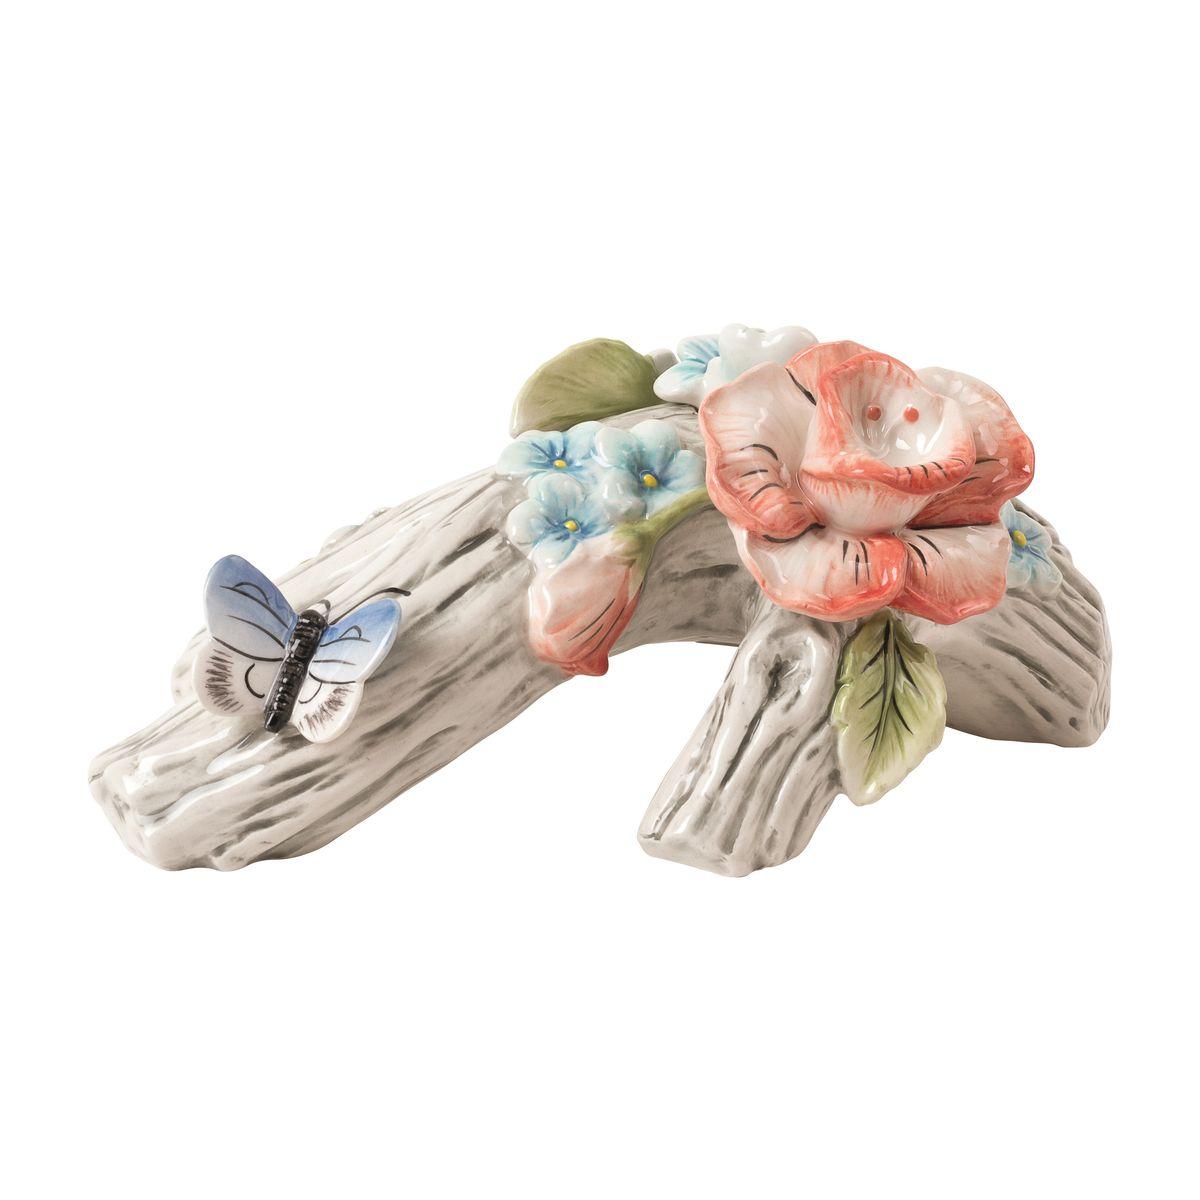 Подсвечник декоративный Fitz and Floyd Цветочный узор. Цветок20-641Рекомендуется бережная ручная мойка с использованием безабразивных моющих средств.